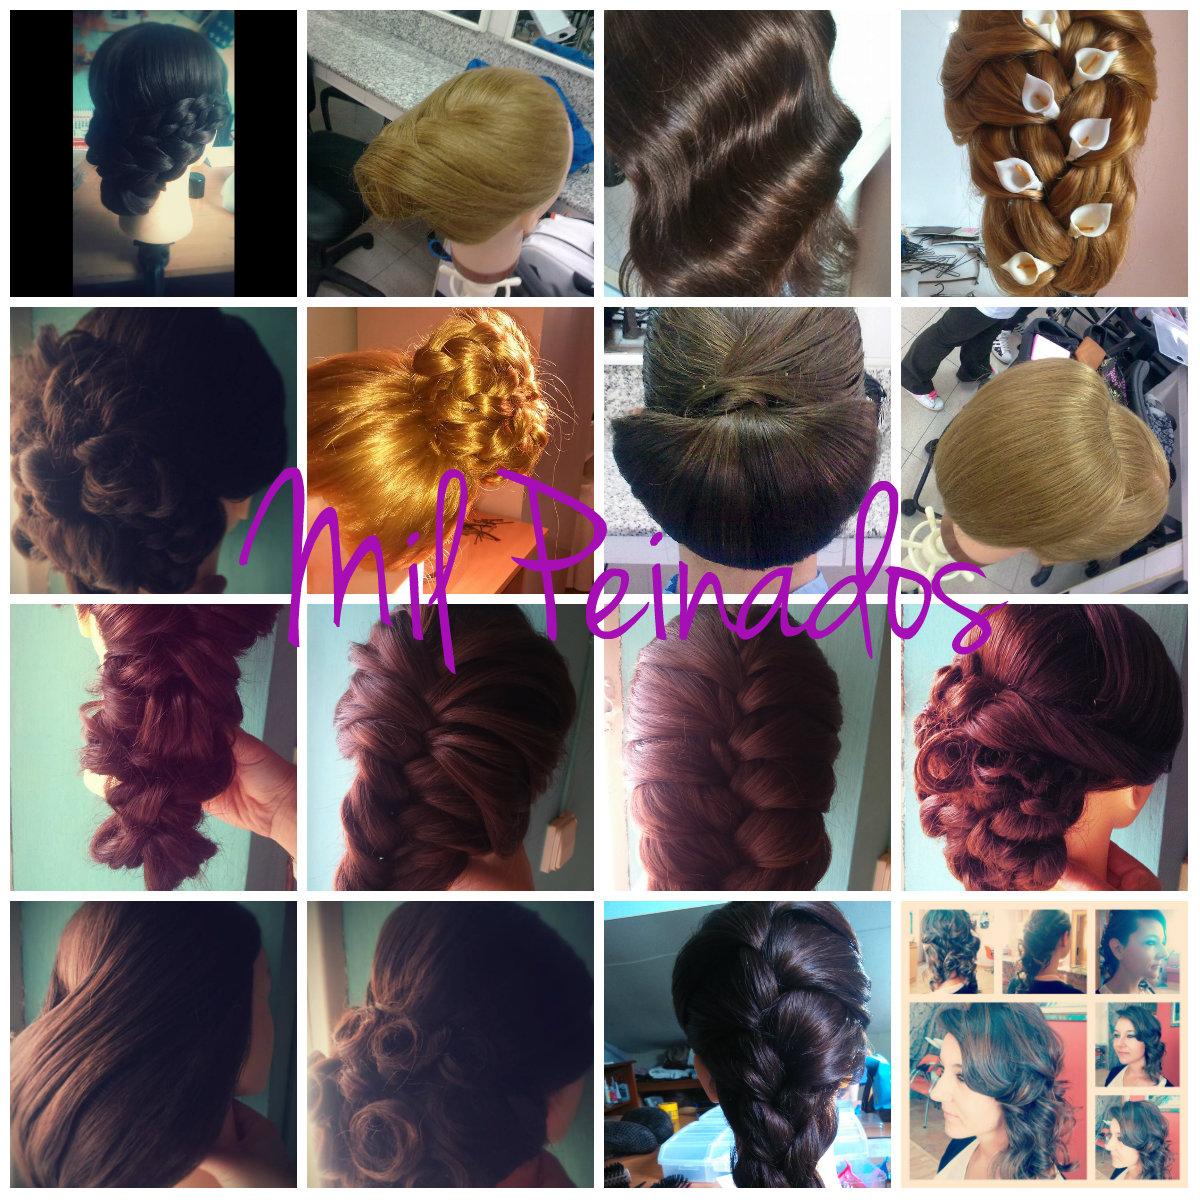 mil peinados